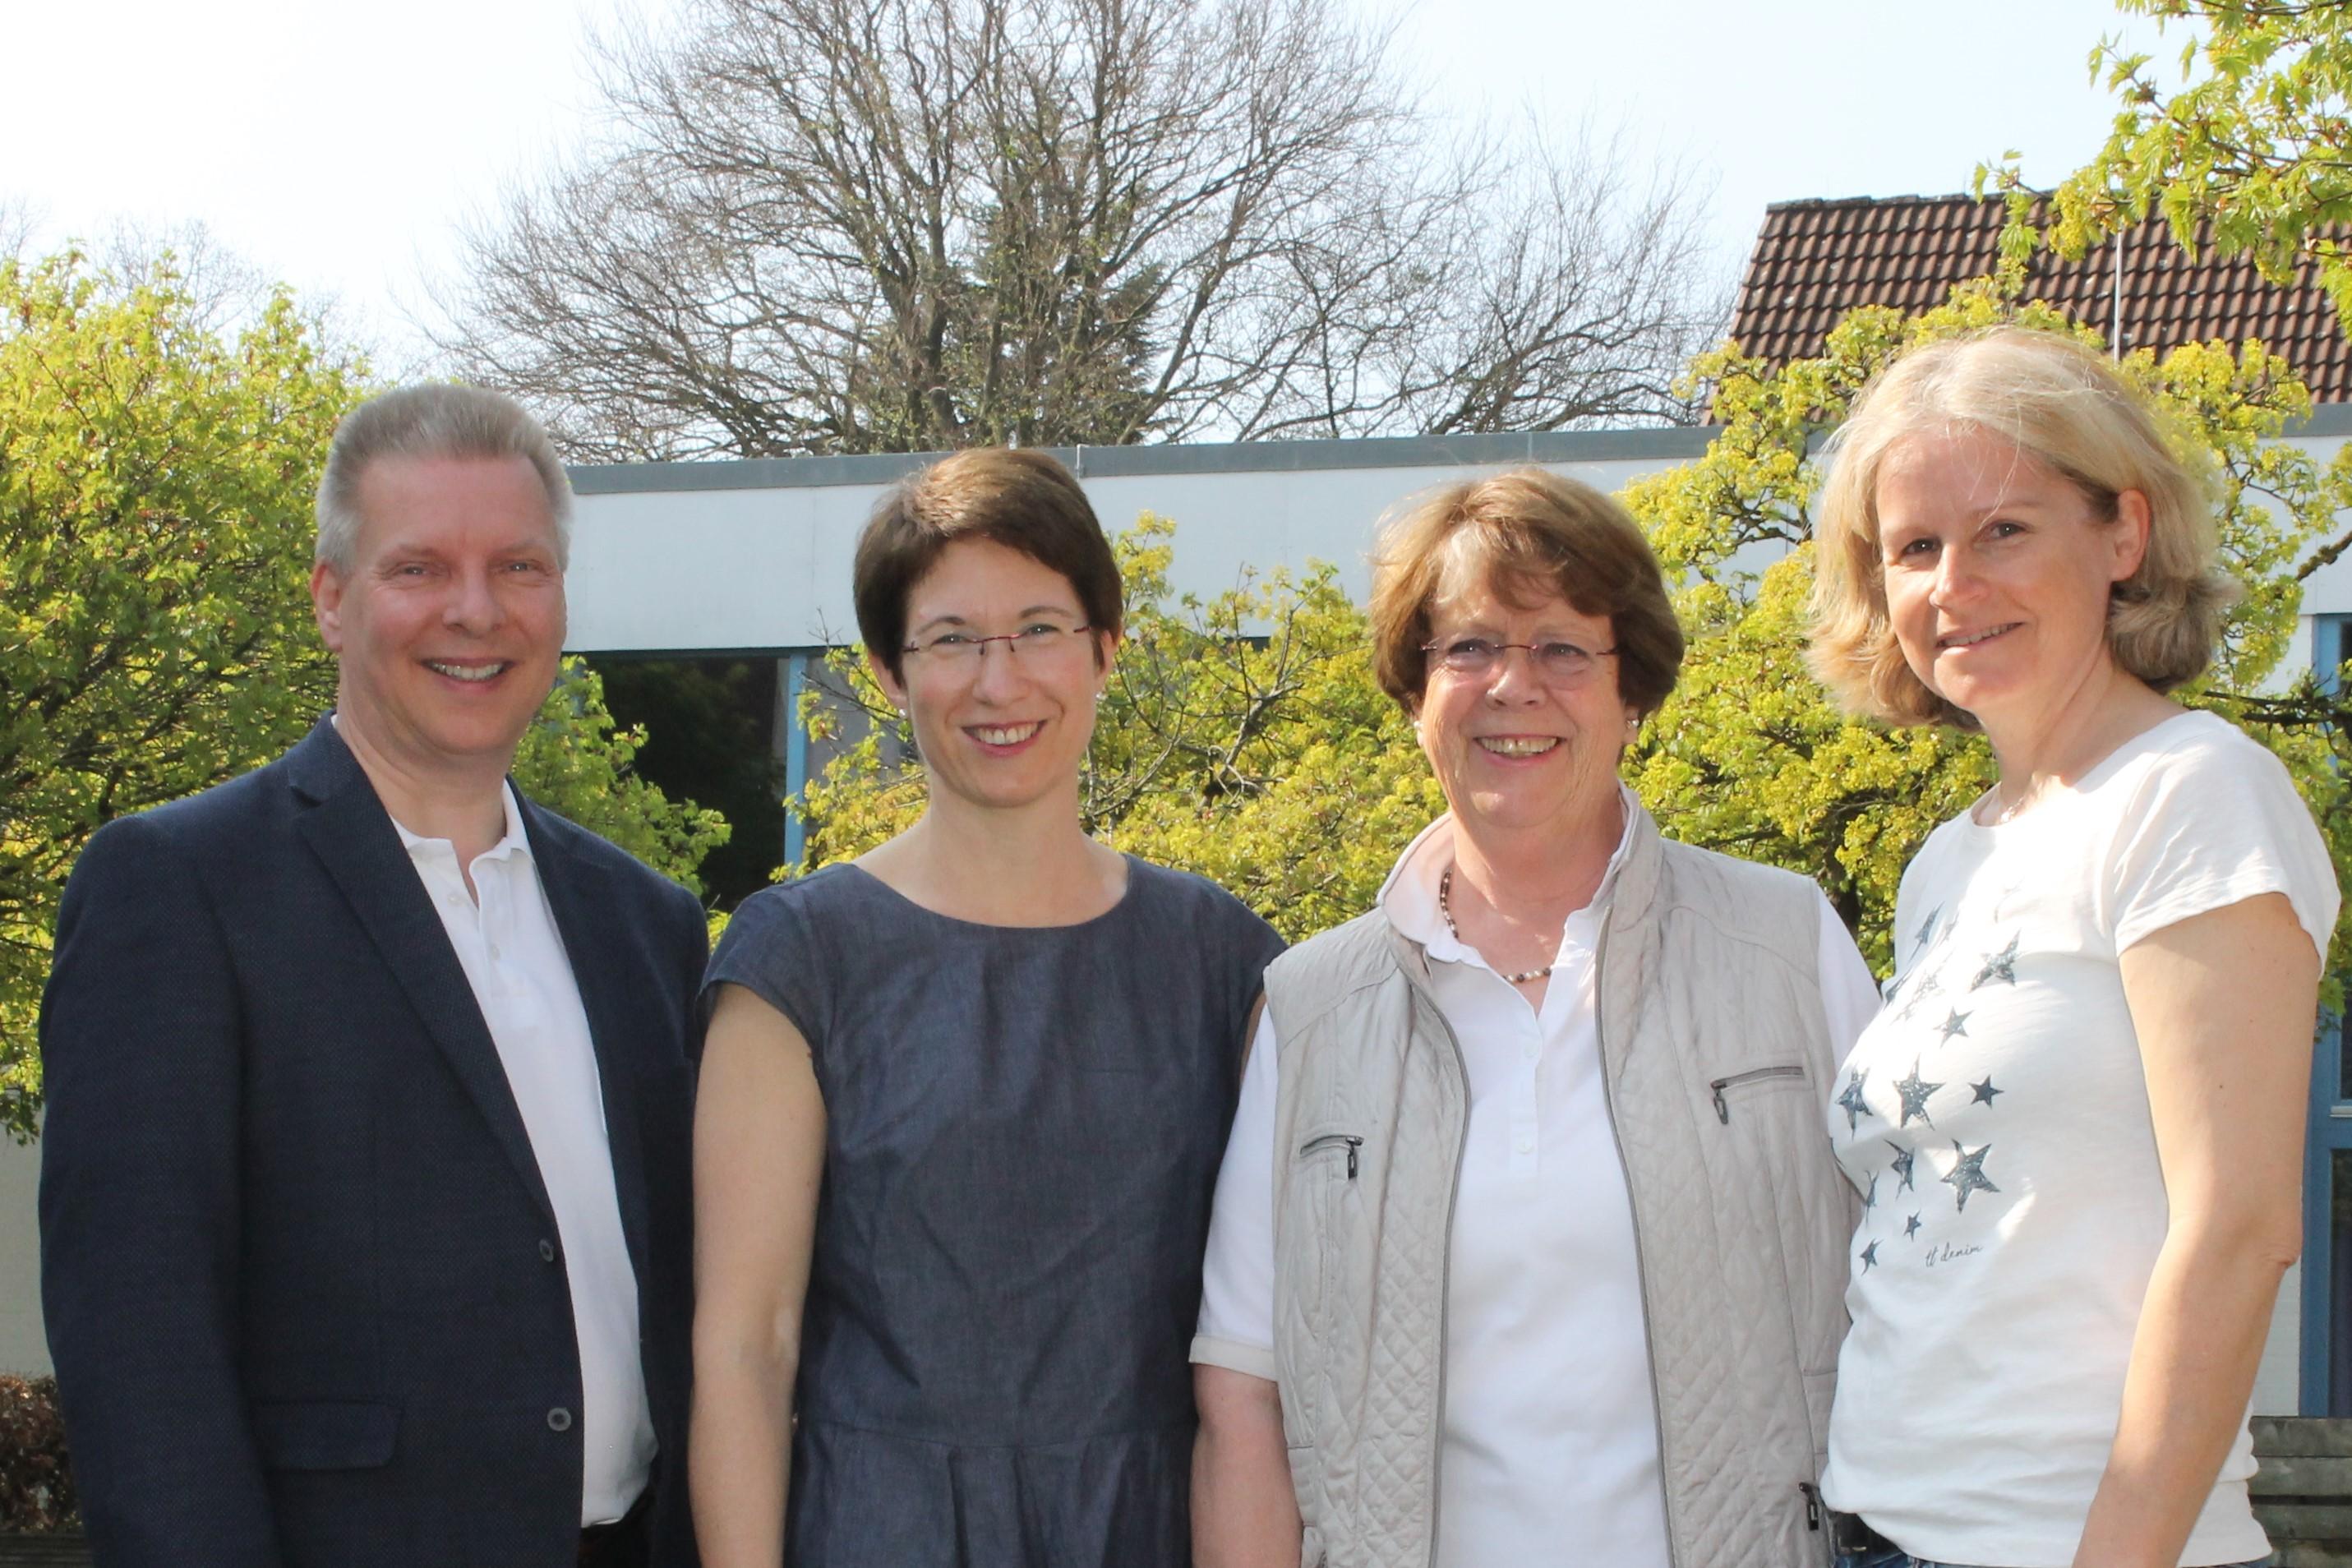 Gemeindeteam Maria Hilfe der Christen - Ahrensburg